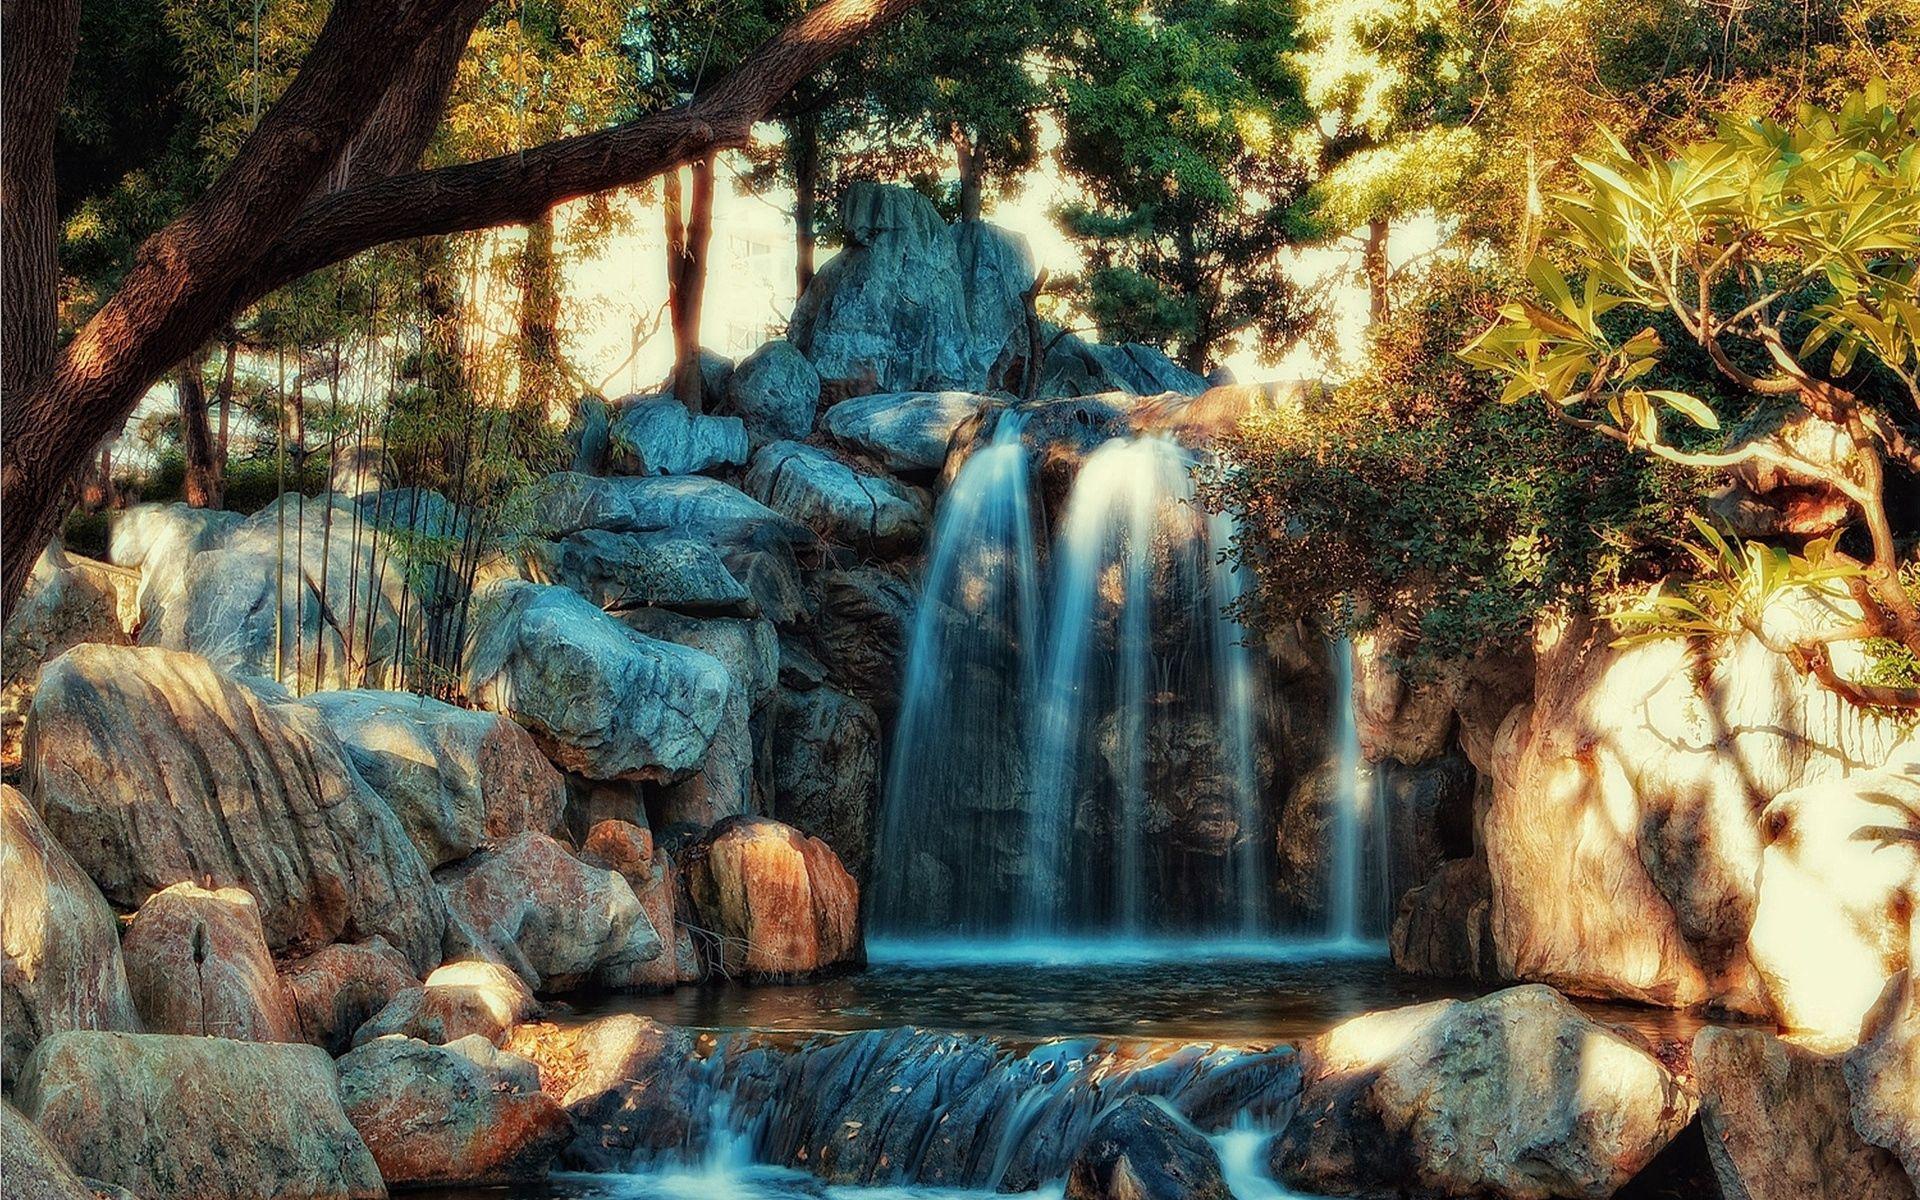 101589 скачать обои Вода, Водопад, Природа, Река, Камни, Hdr - заставки и картинки бесплатно